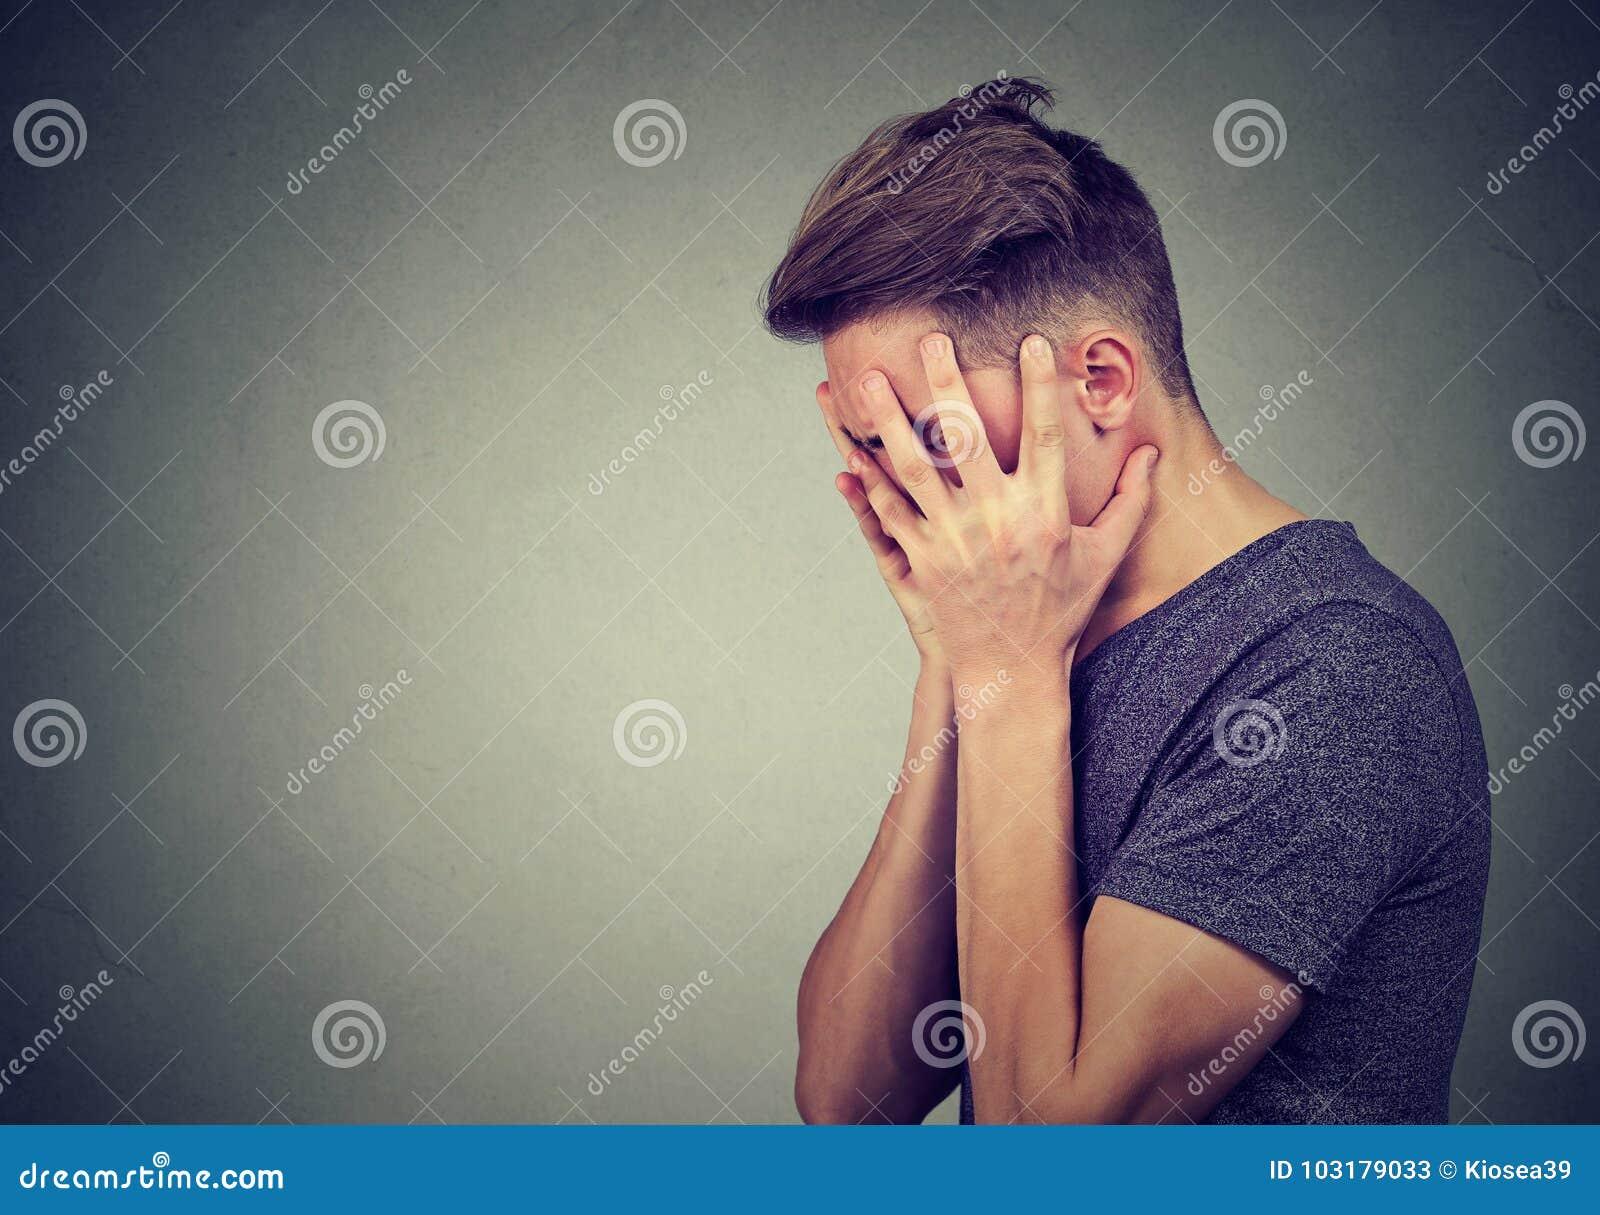 Δευτερεύον σχεδιάγραμμα ενός λυπημένου νεαρού άνδρα με τα χέρια στο πρόσωπο που κοιτάζει κάτω Αναταραχή κατάθλιψης και ανησυχίας